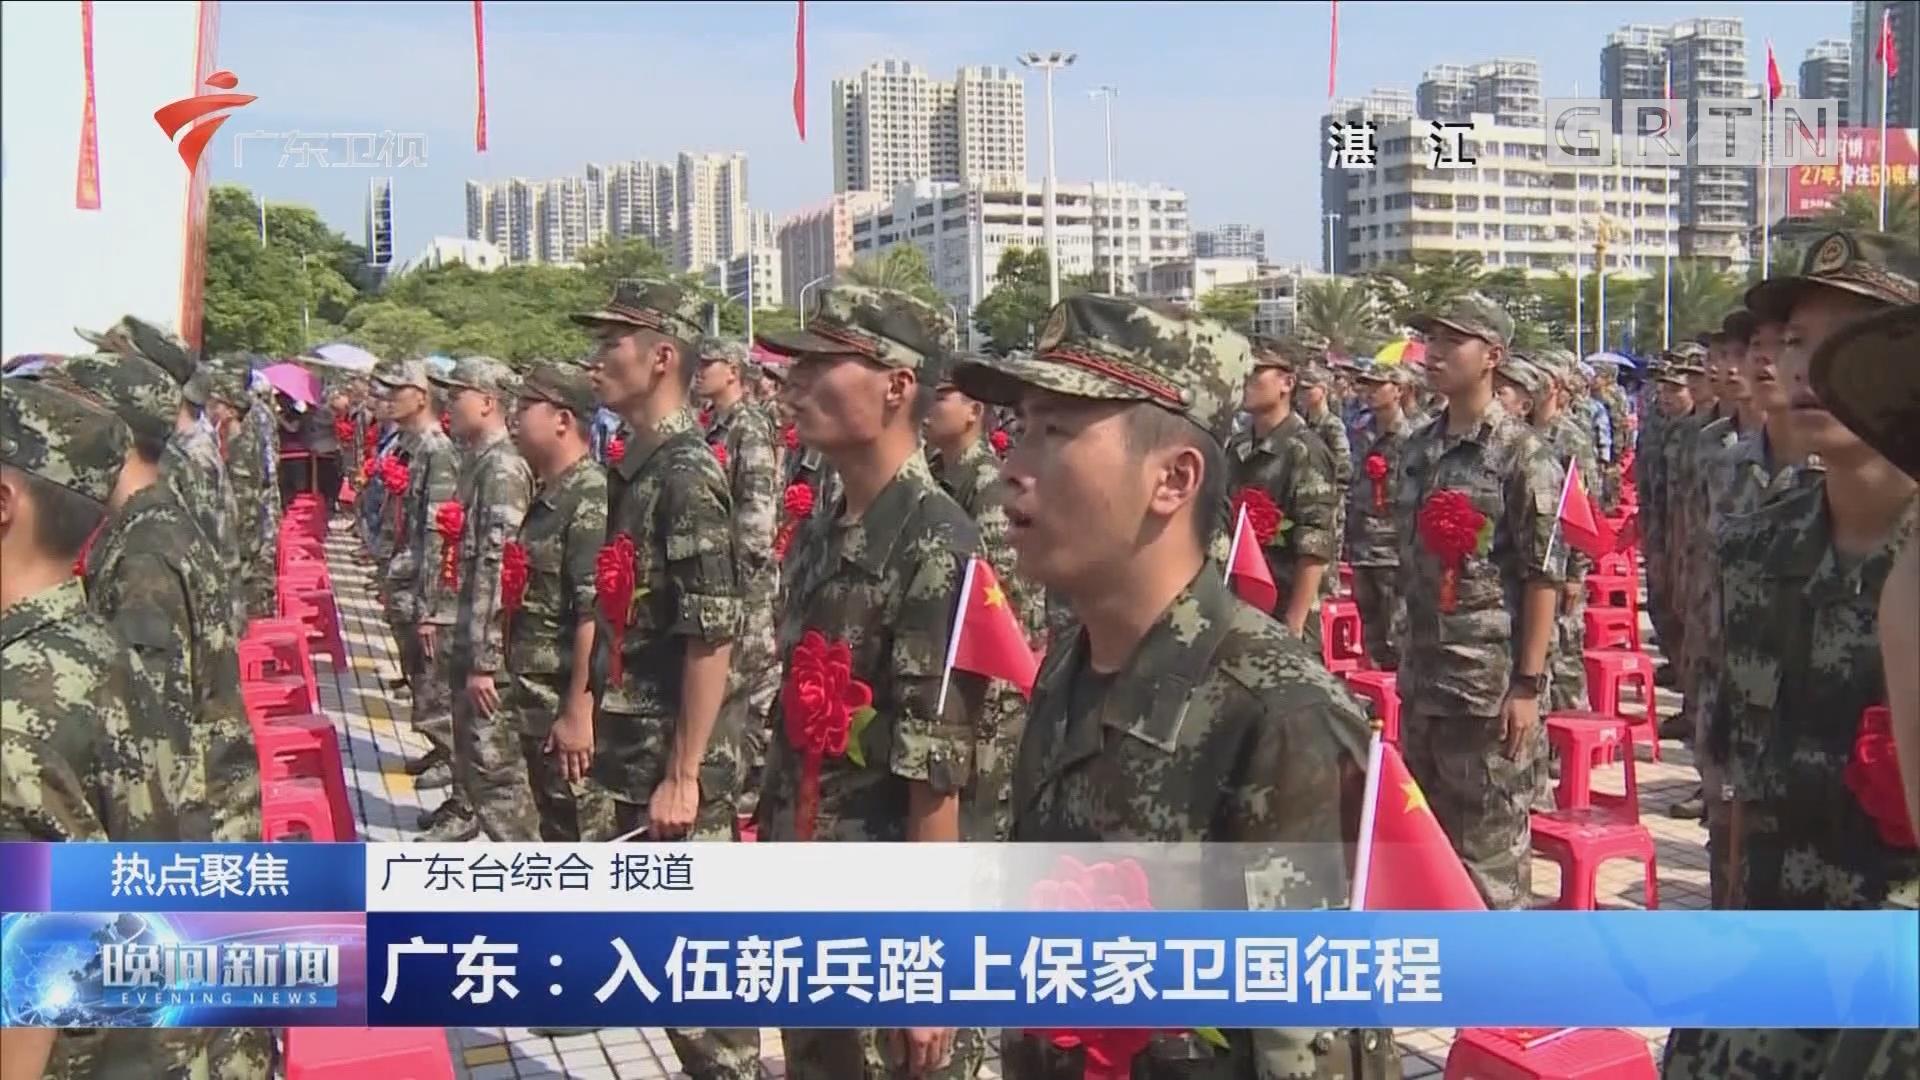 廣東:入伍新兵踏上保家衛國征程